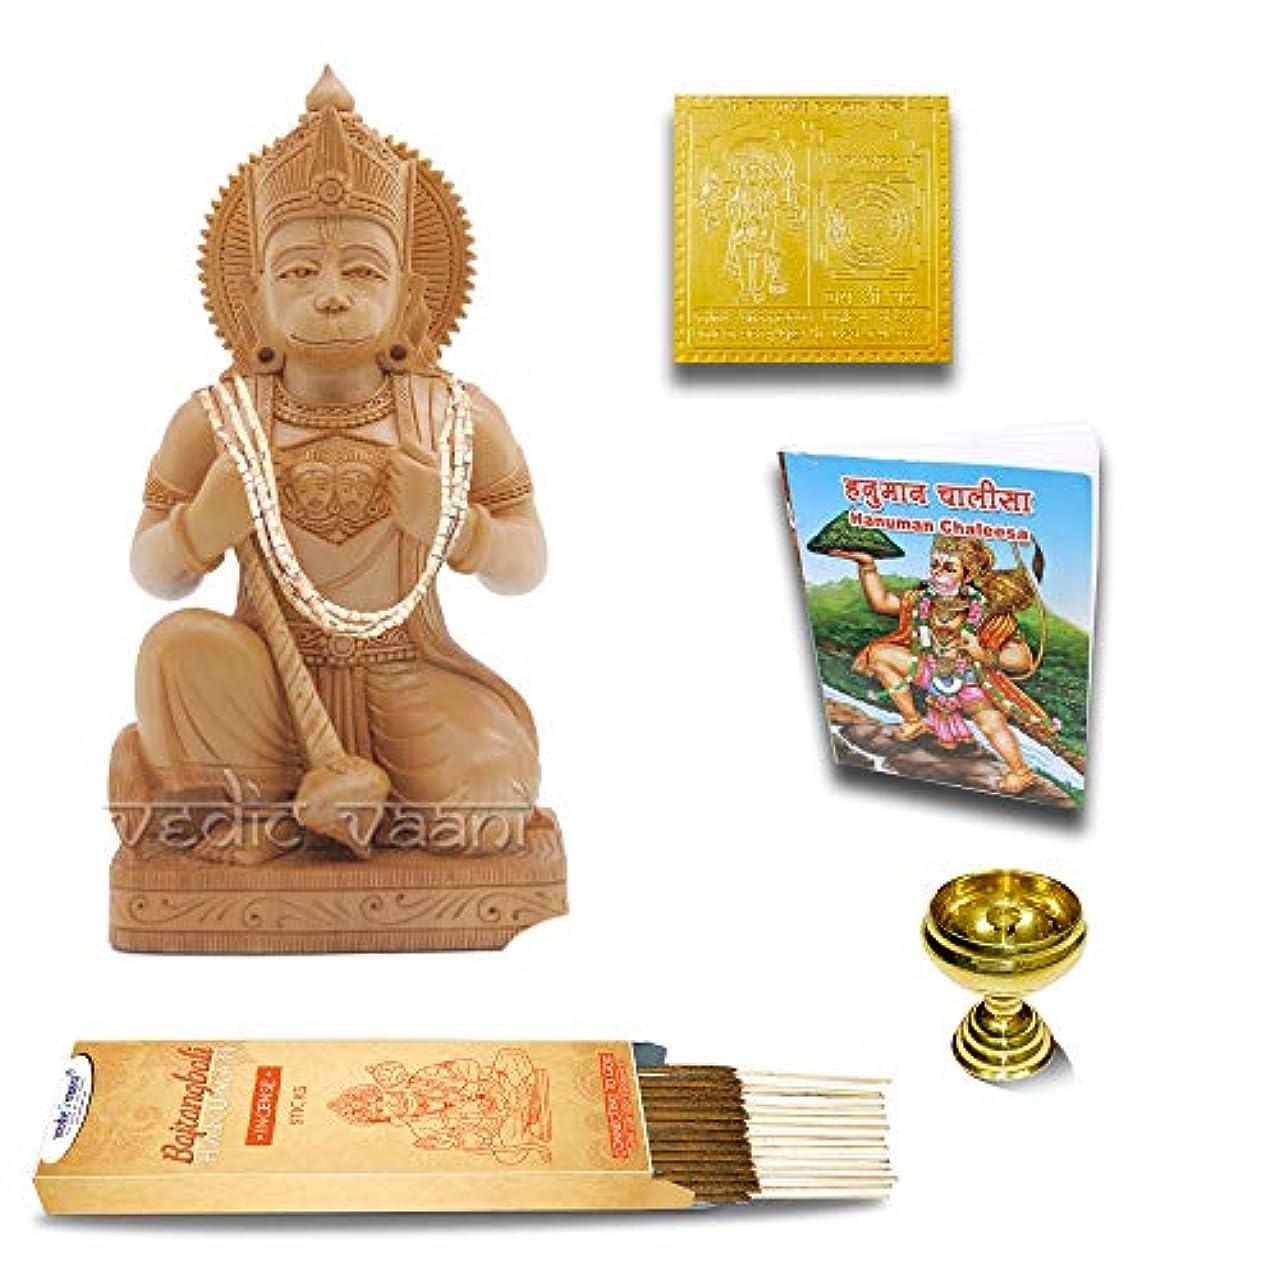 口ひげ解き明かす施設Vedic Vaani Ram Bhakat Hanuman 木製像 ヤントラ チャリサ ディヤ お香スティック付き 100gm